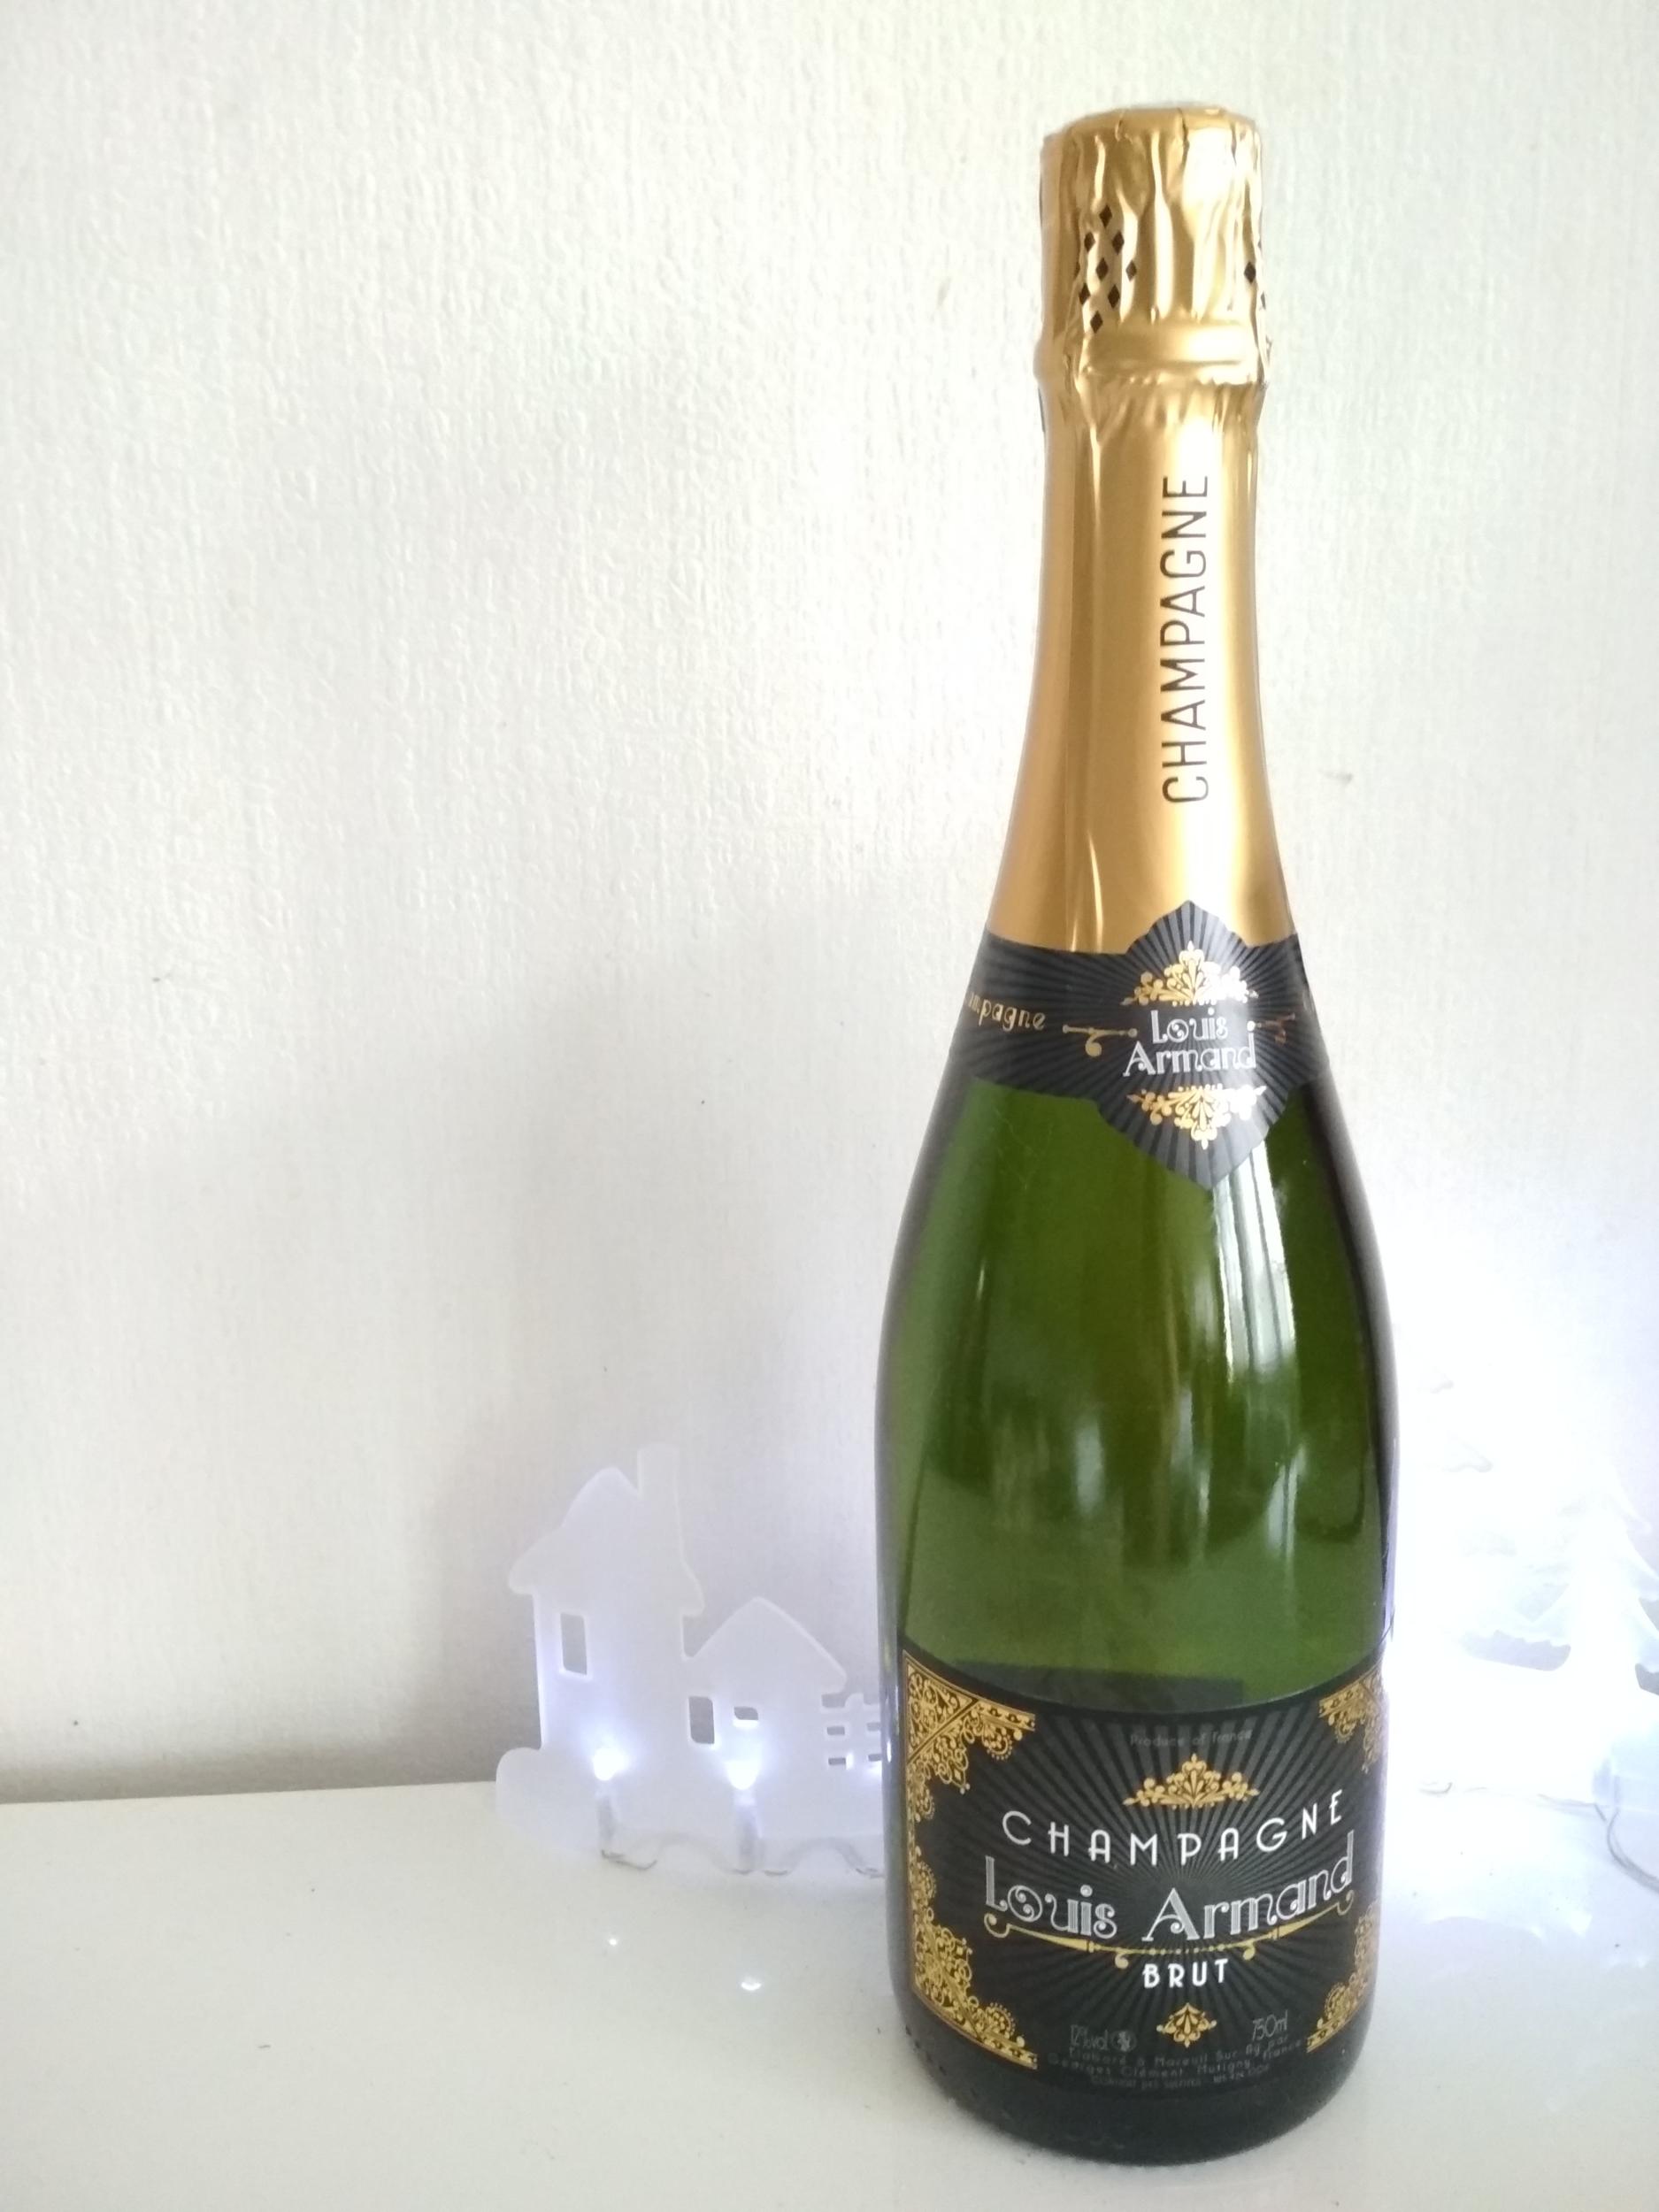 Champagne Louis Armand Brut Blanc 6 bouteilles